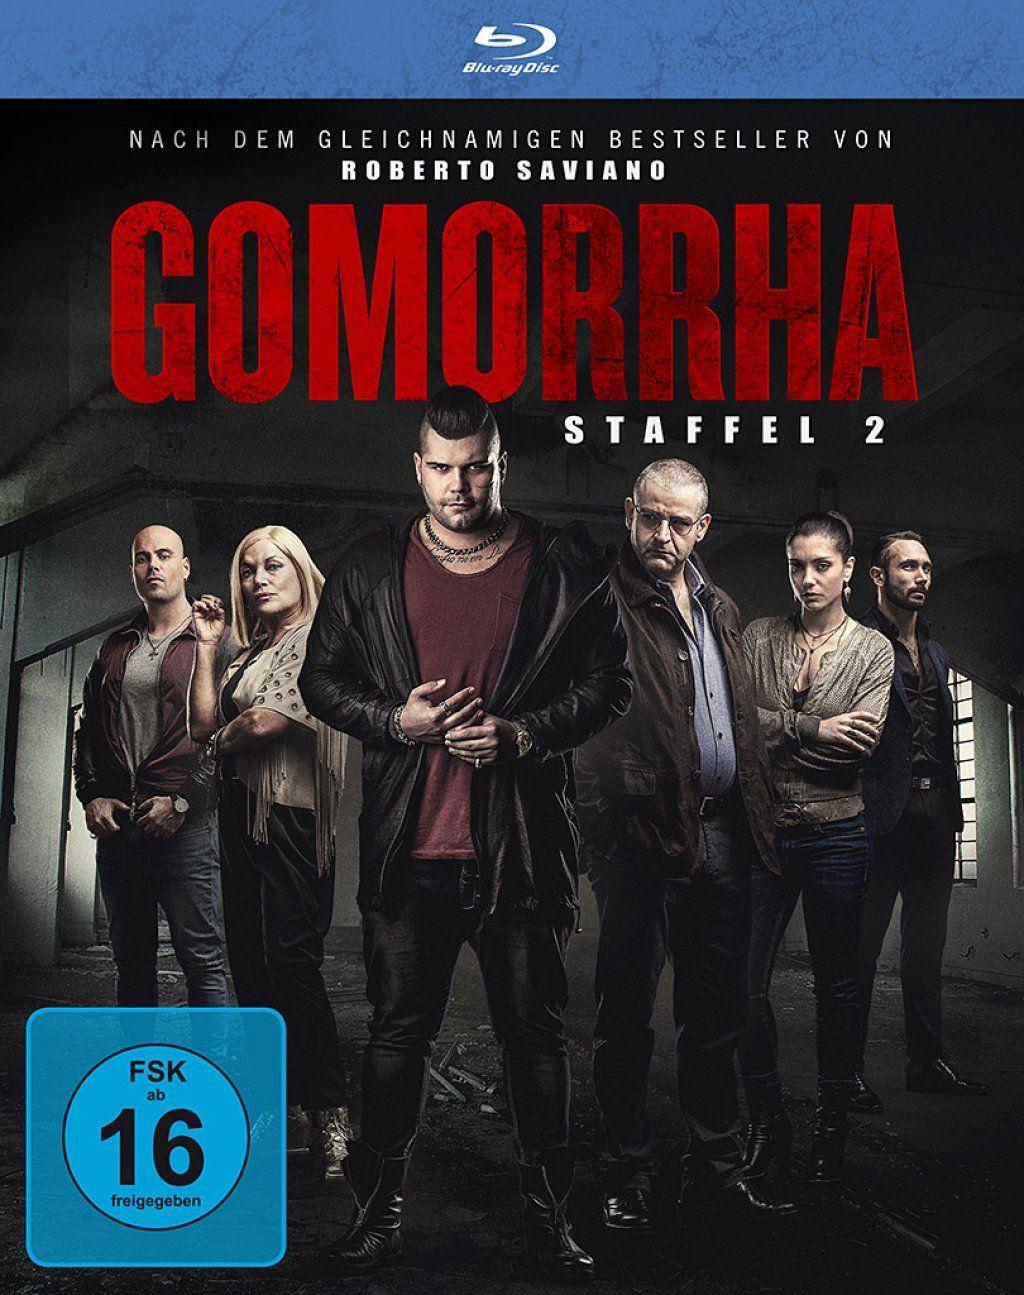 Gomorrha - Staffel 2 (3 Discs) (BLURAY)